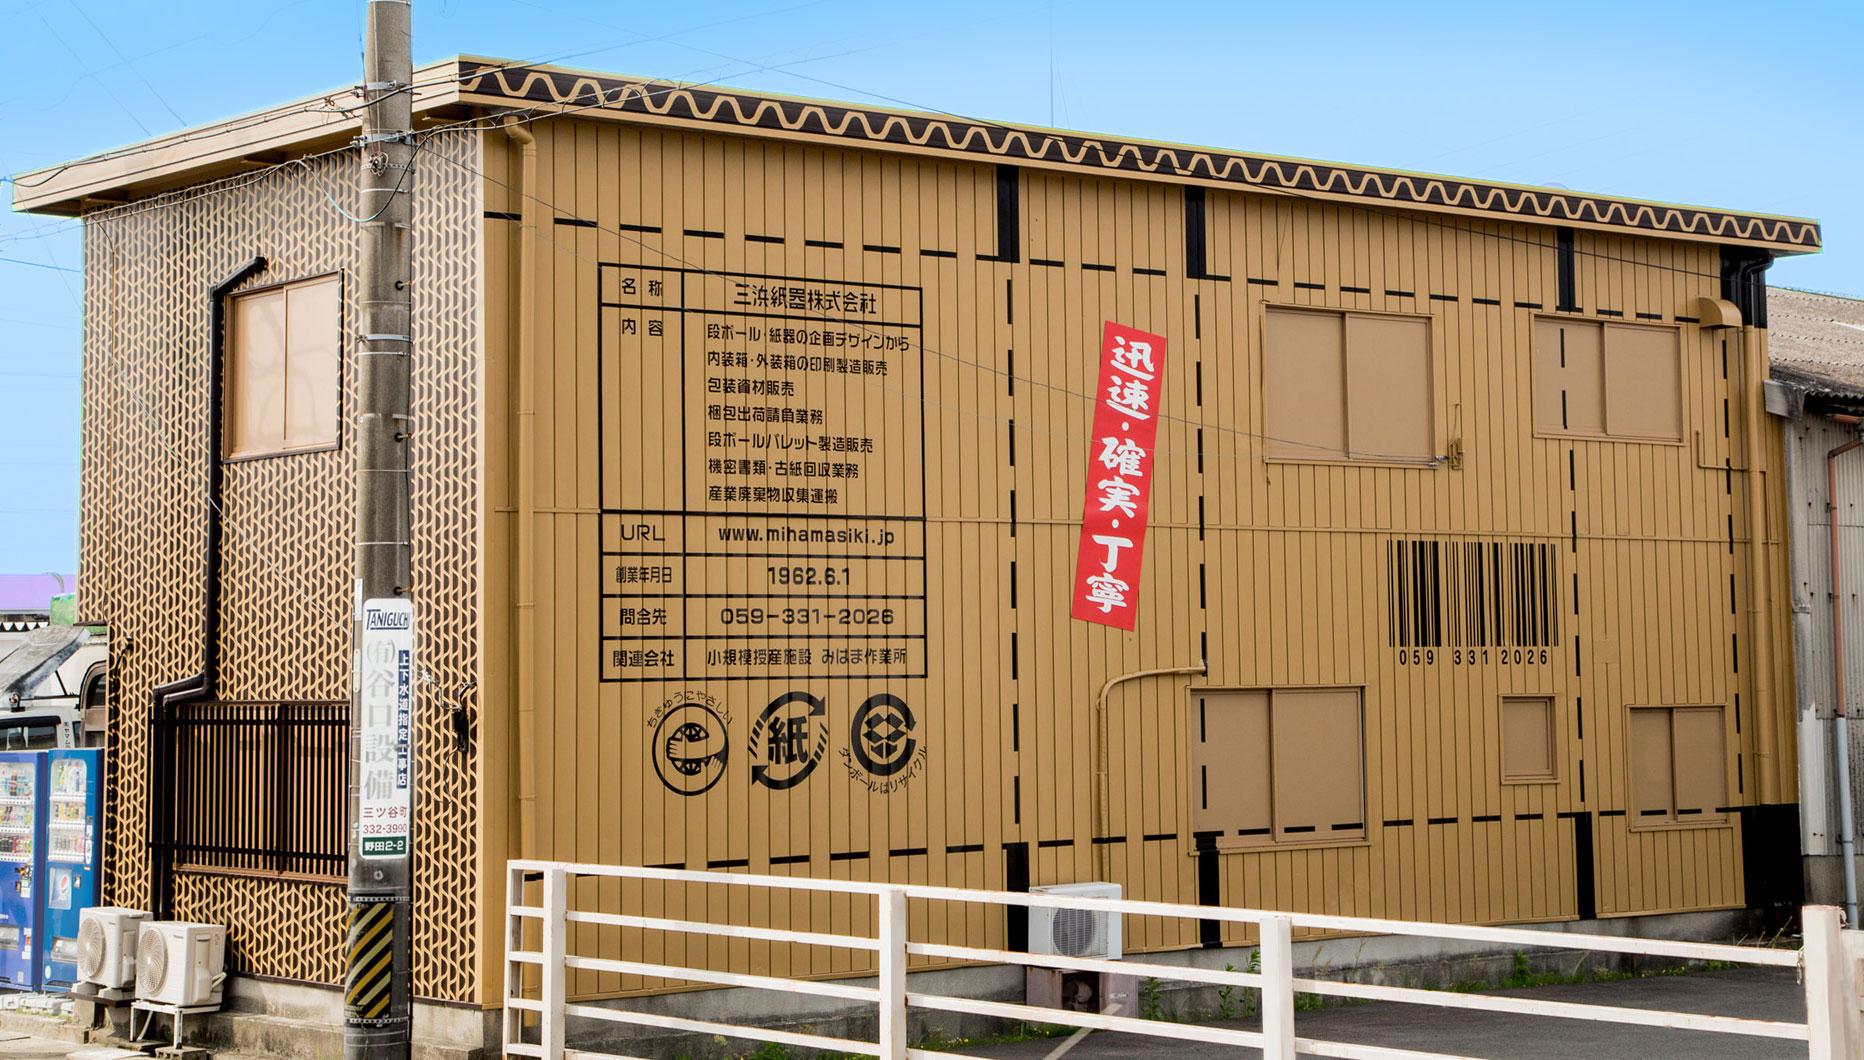 「ダンボールハウス〜梱包屋の梱包〜」三浜紙器 様